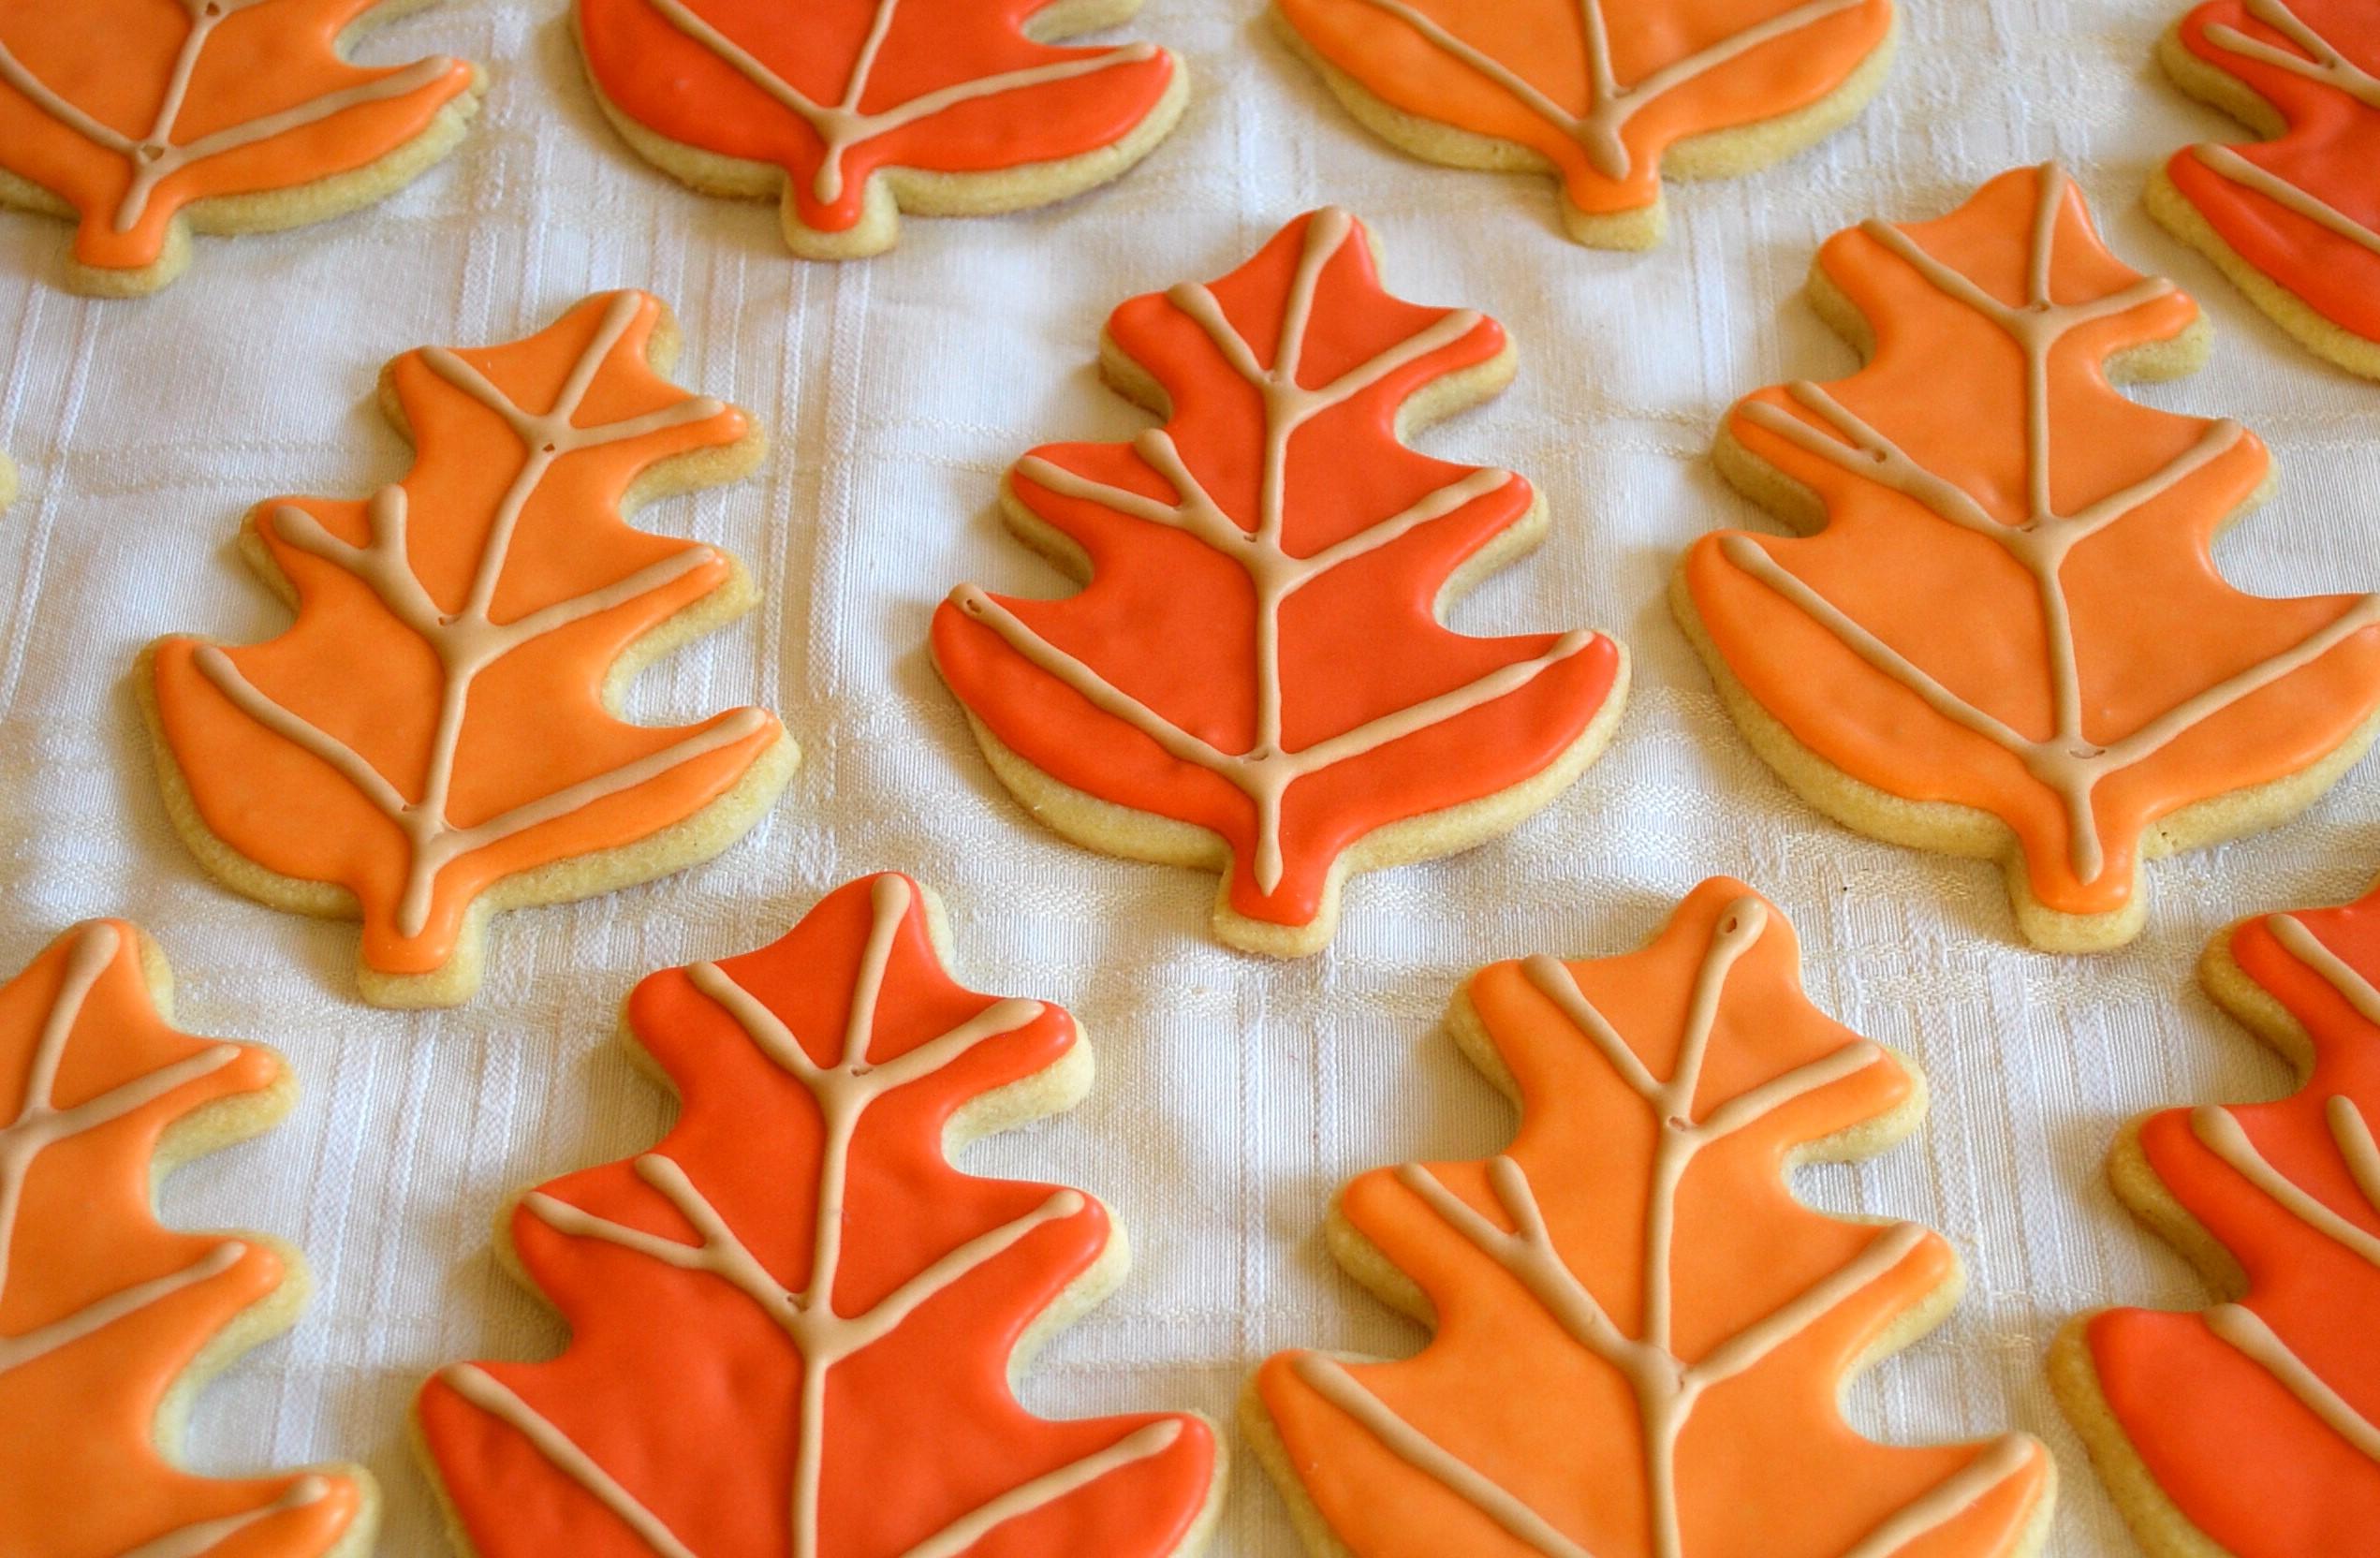 Leaf Cookies | 15 Easy Halloween Cookie Ideas | Her Beauty